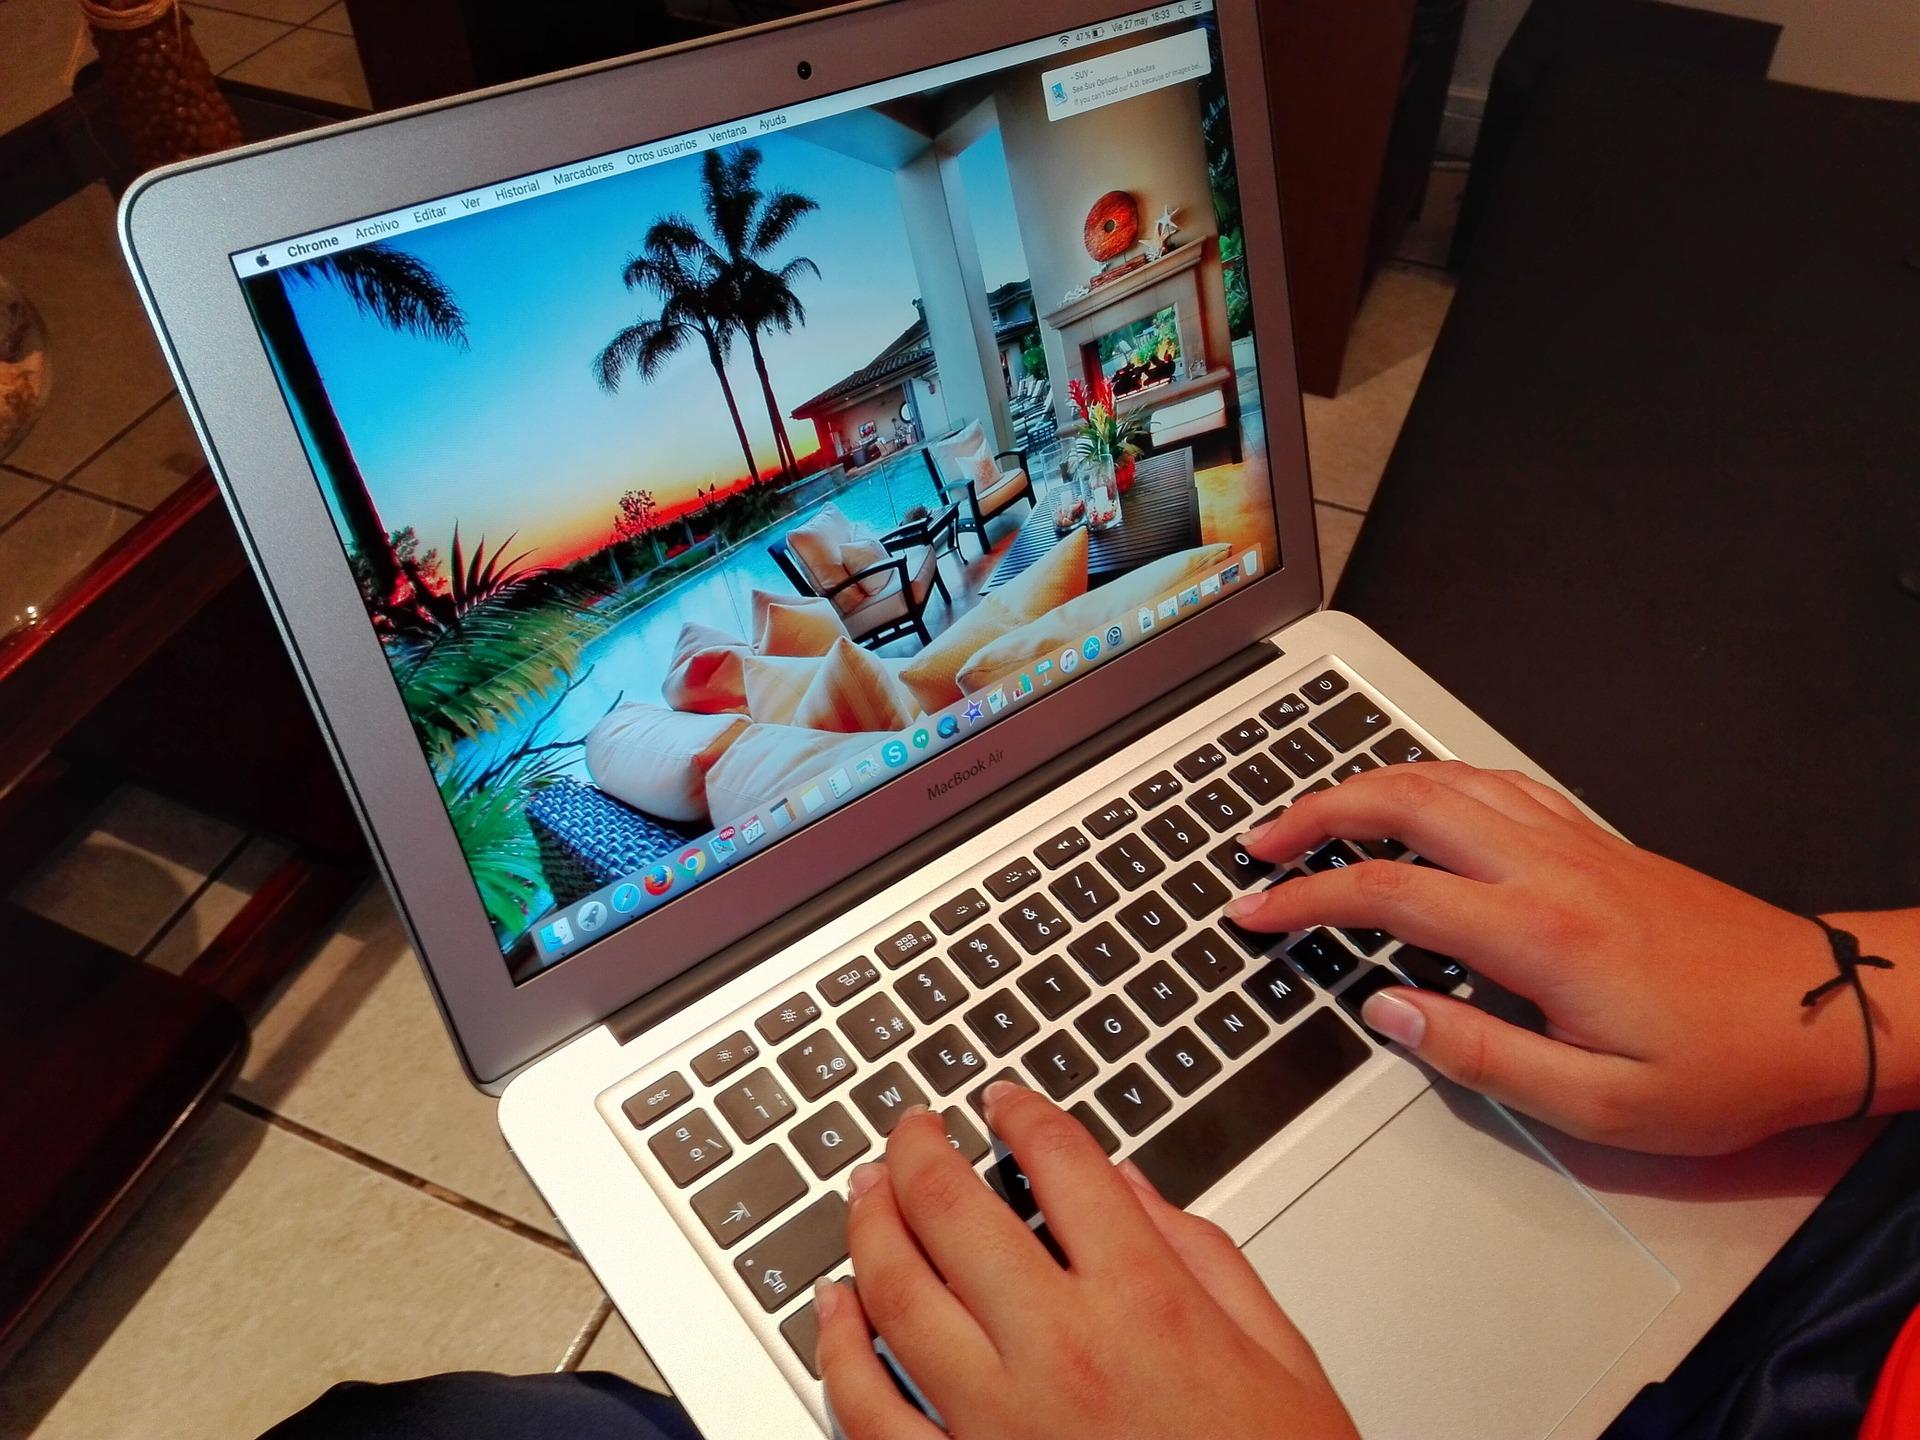 家でパソコンをしている女性の手